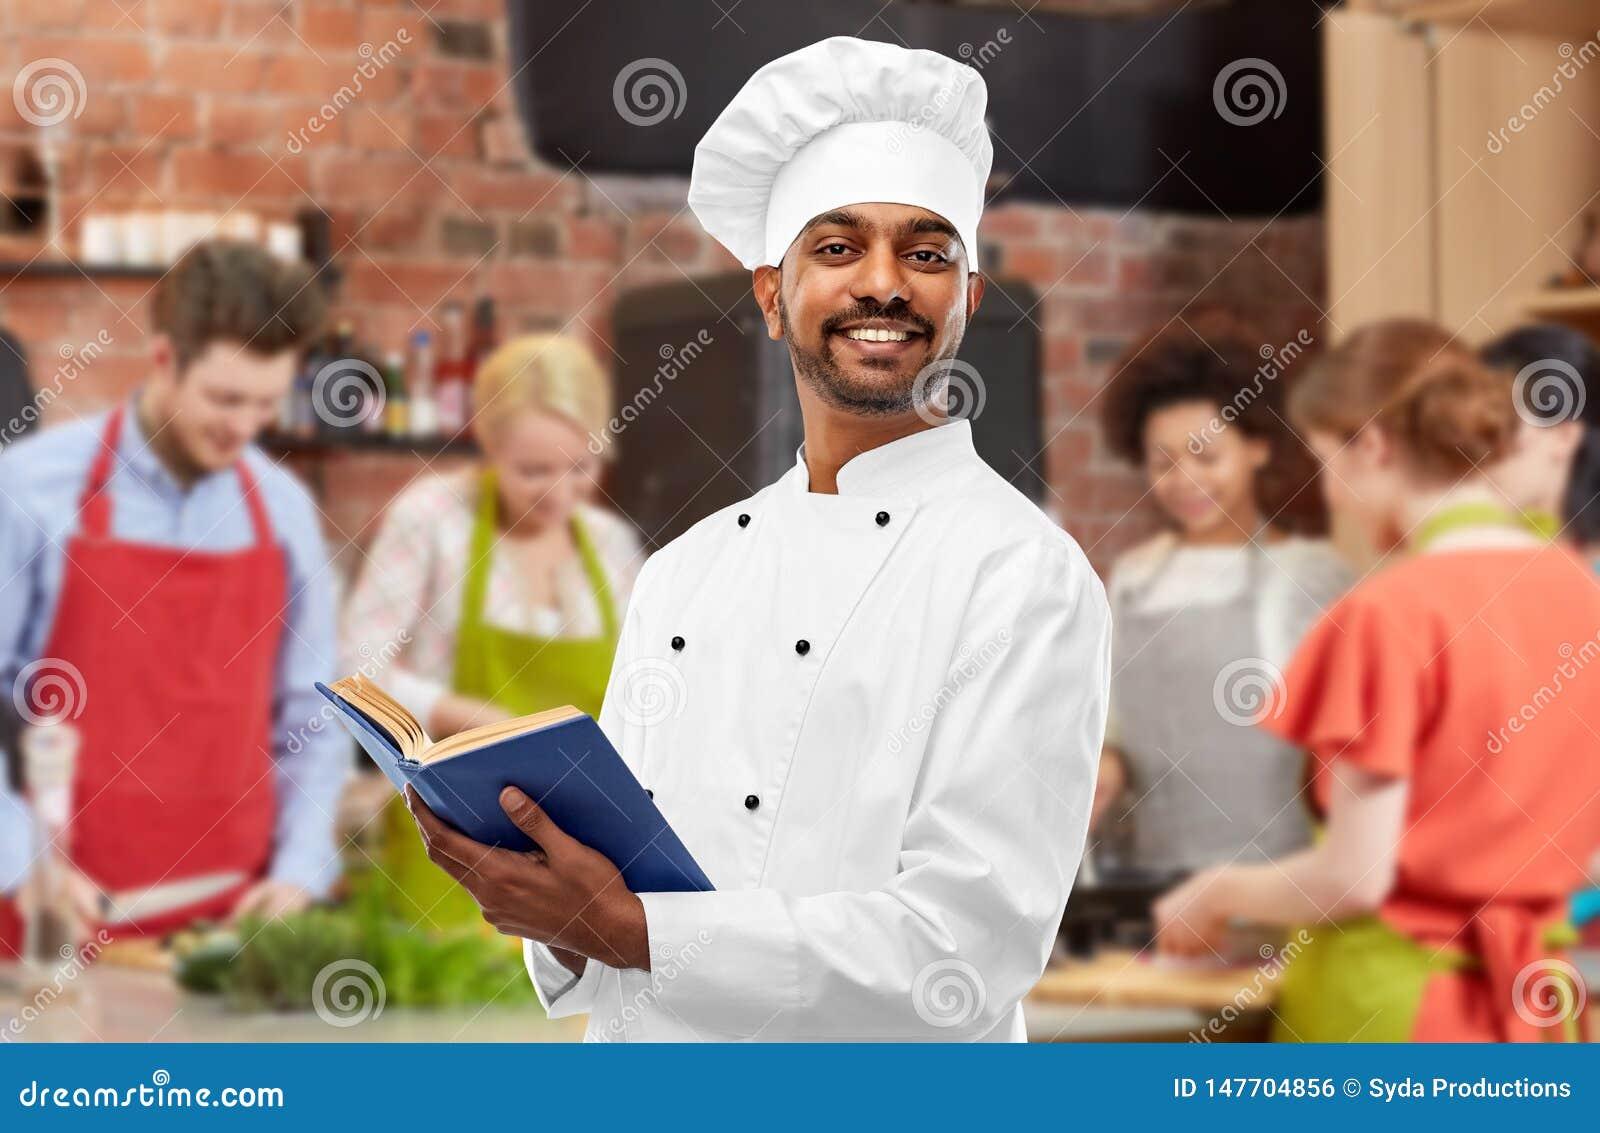 M?nnliches indisches Cheflesekochbuch am Kochkurs